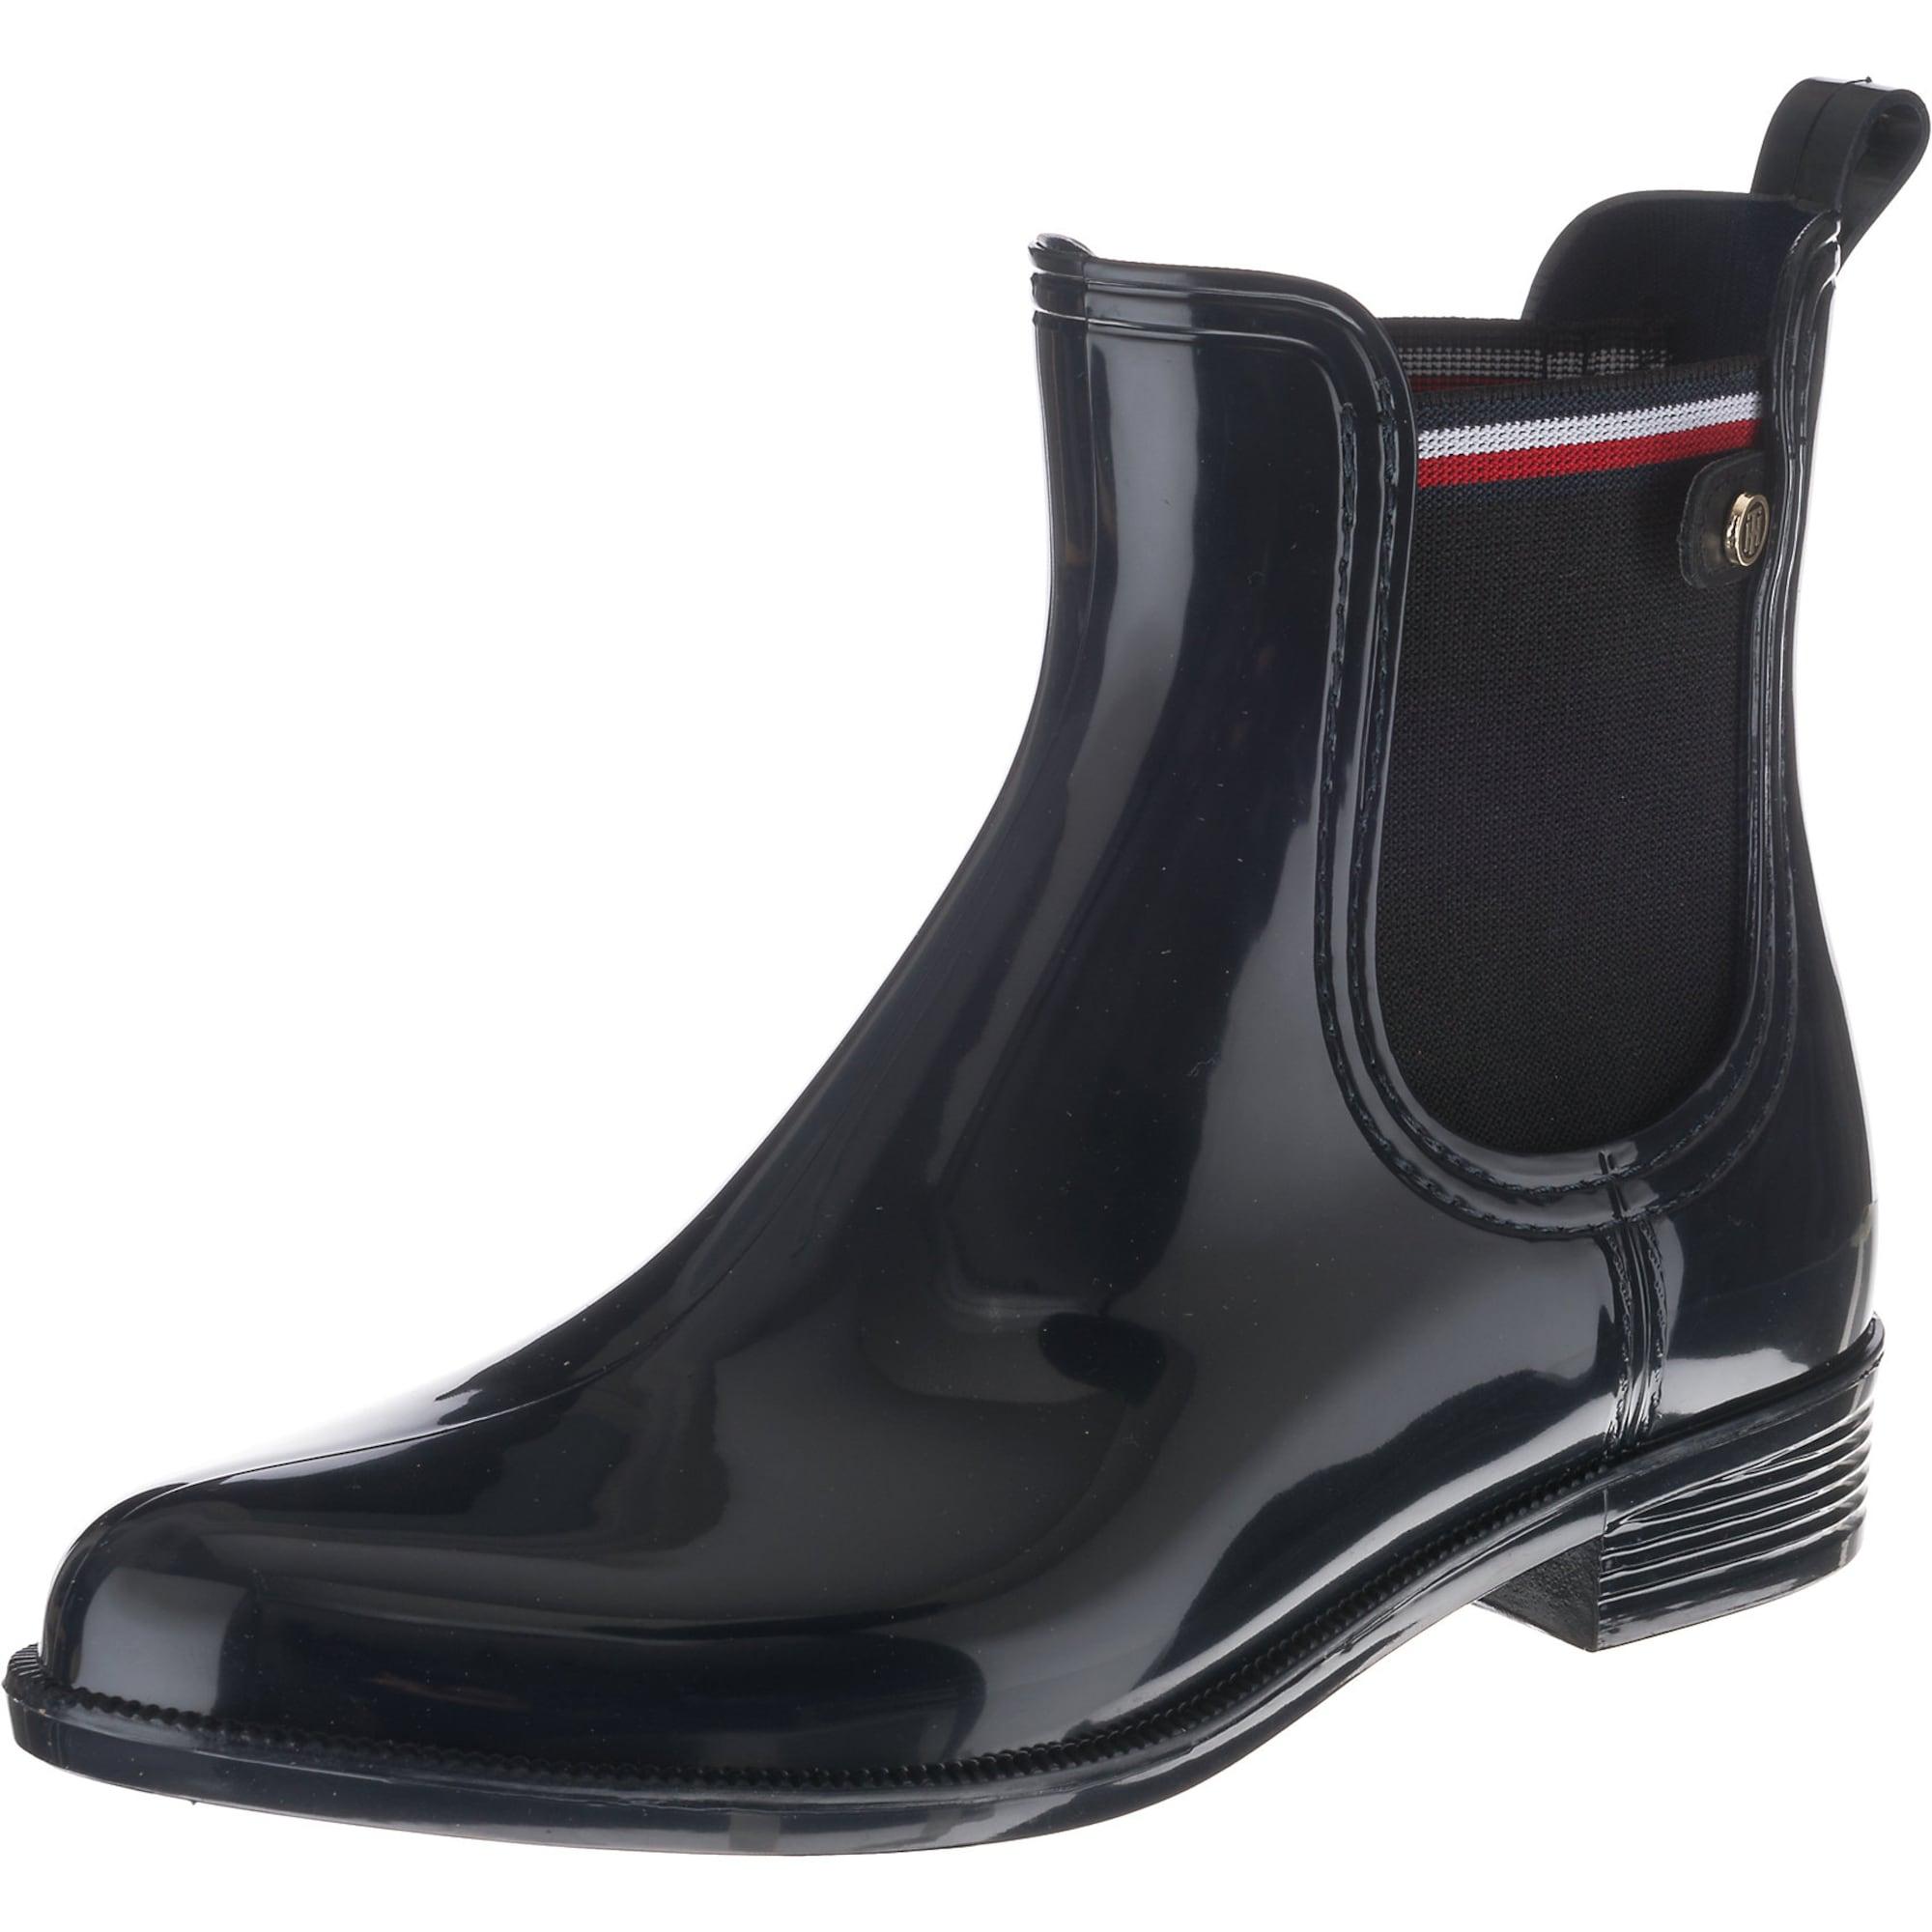 Gummistiefel 'Odette'   Schuhe > Gummistiefel   Rot - Weiß   Tommy Hilfiger